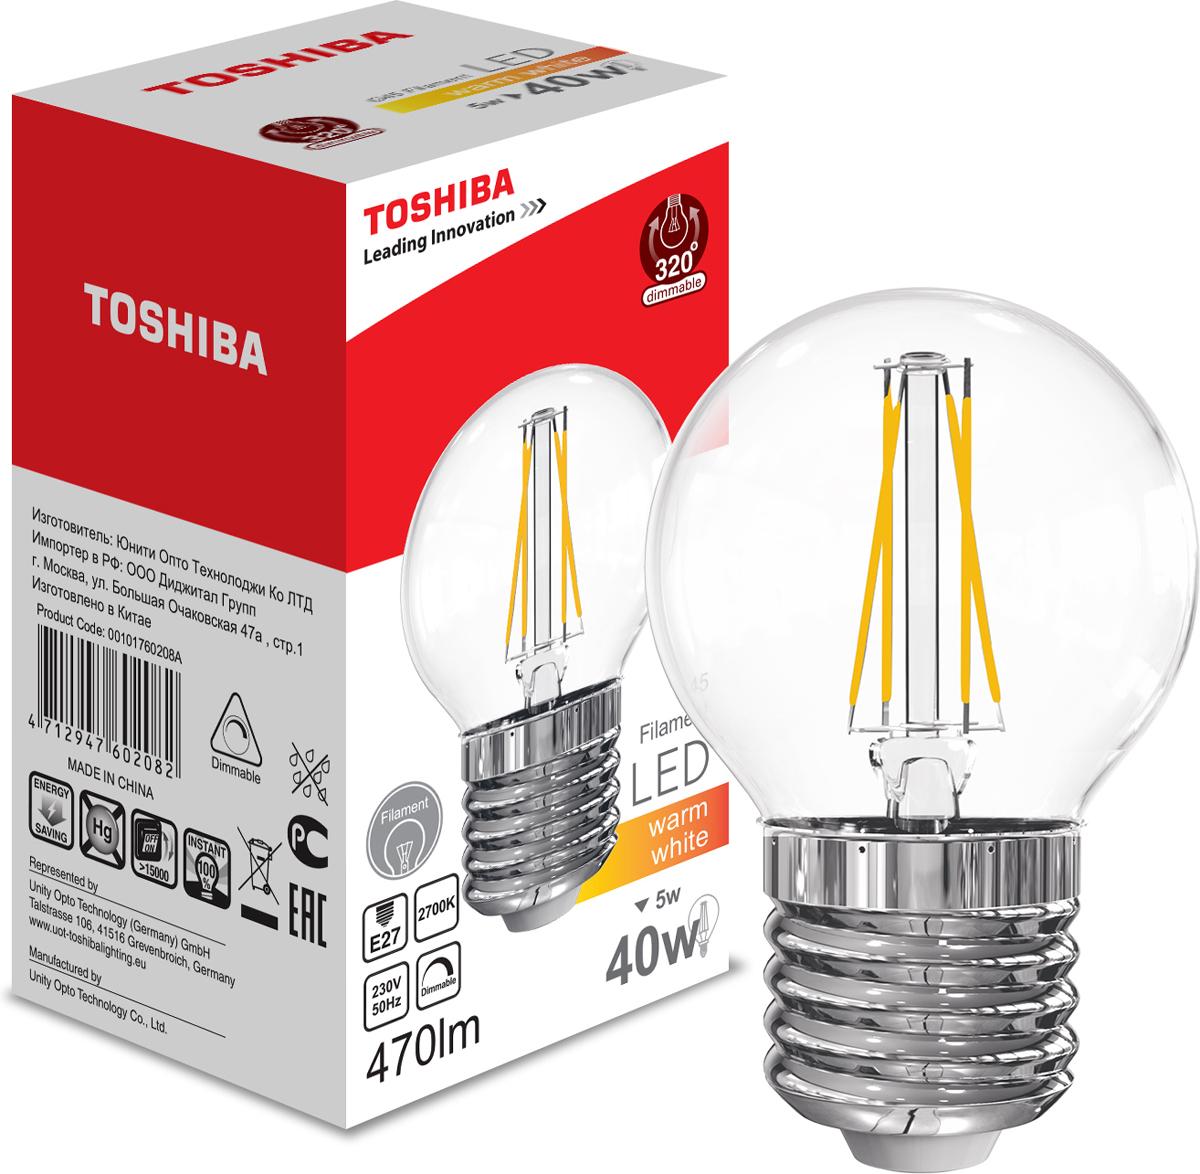 Лампа филаментная Toshiba, теплый свет, цоколь E27, 5W, 2700K. 101760208A101760208AФиламентные лампы, хоть и относятся к светодиодным, но и внешне, и конструктивно достаточно сильно от них отличаются. Несведущему человеку вообще может показаться, что это обычная лампа накаливания, только немного со странностями. На самом деле филаментные светодиодные лампы объединили лучшие качества привычных нам лампочек Ильича и современных led-ламп. Результат получился интересный, экономичный, экологичный и глазу весьма приятный. Филамент – основной функциональный элемент такой лампы, представляет собой светодиодную полоску особой конструкции. Внешним видом филаменты напоминают нить, потому некоторые так их и называют – лампочки на светодиодных нитях.